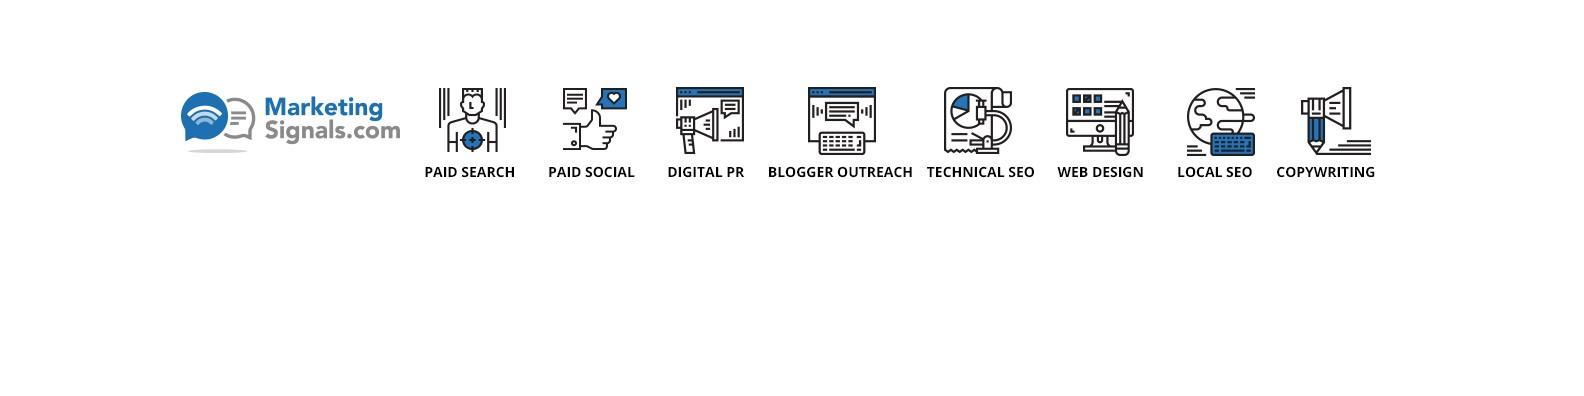 Marketing Signals - Award-Winning, Full-Service Digital